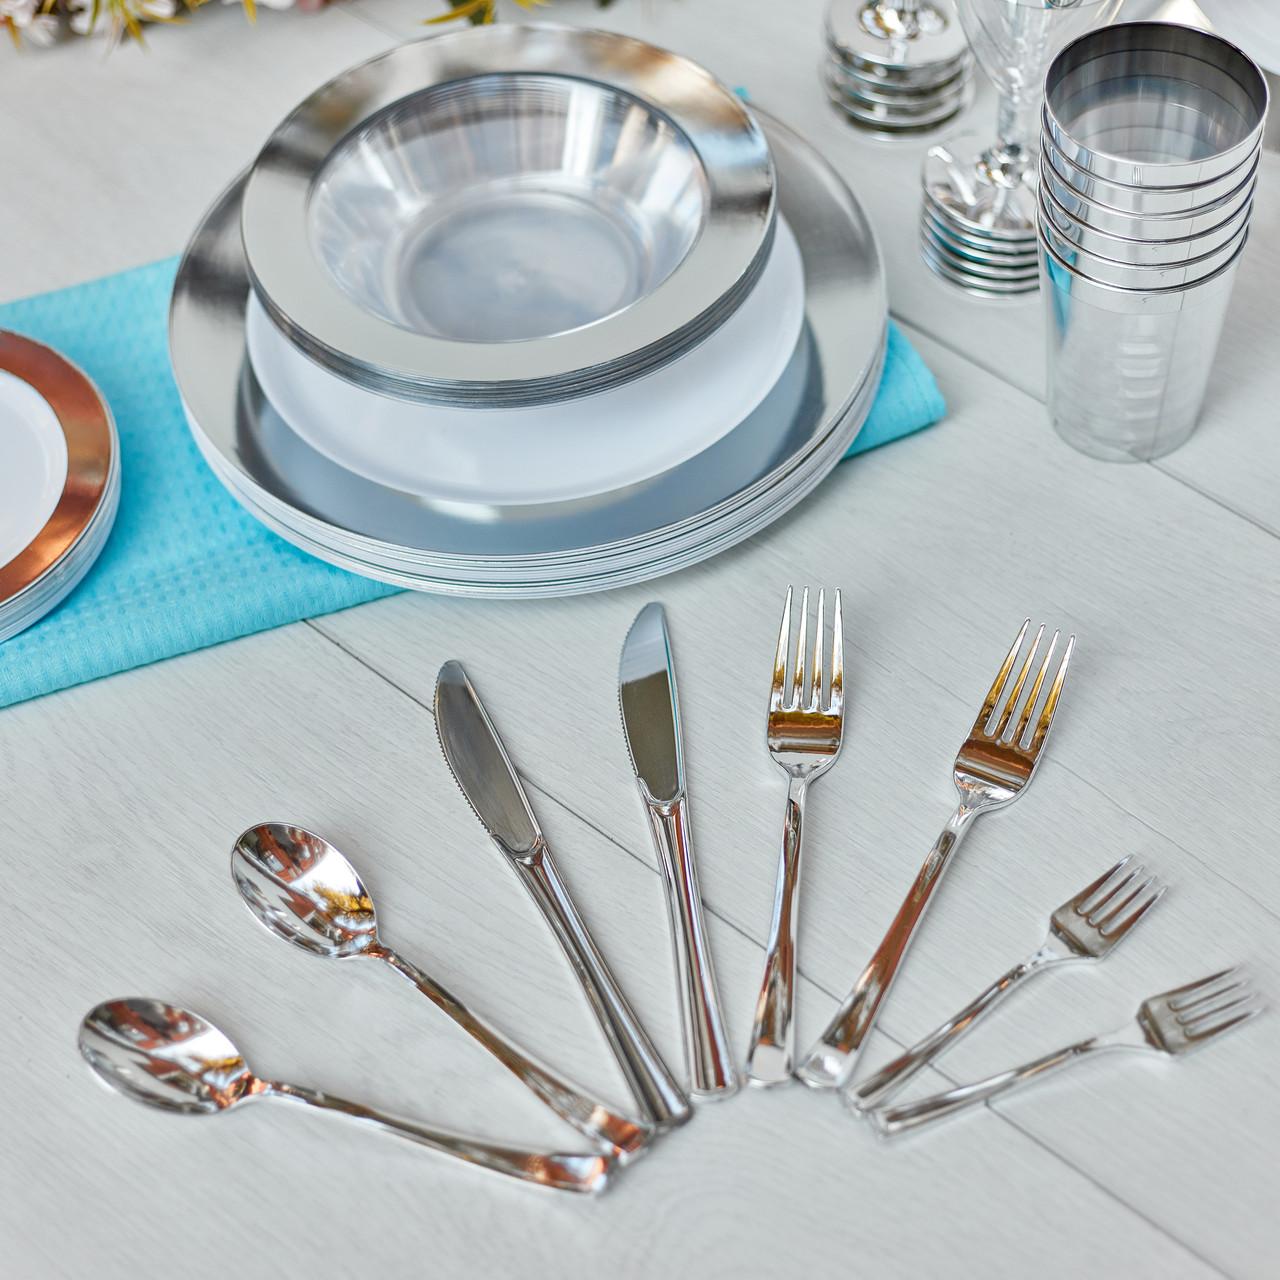 Нож одноразовый столовый стеклопластиковый серебро 12 шт 200 мм. Capital For People.